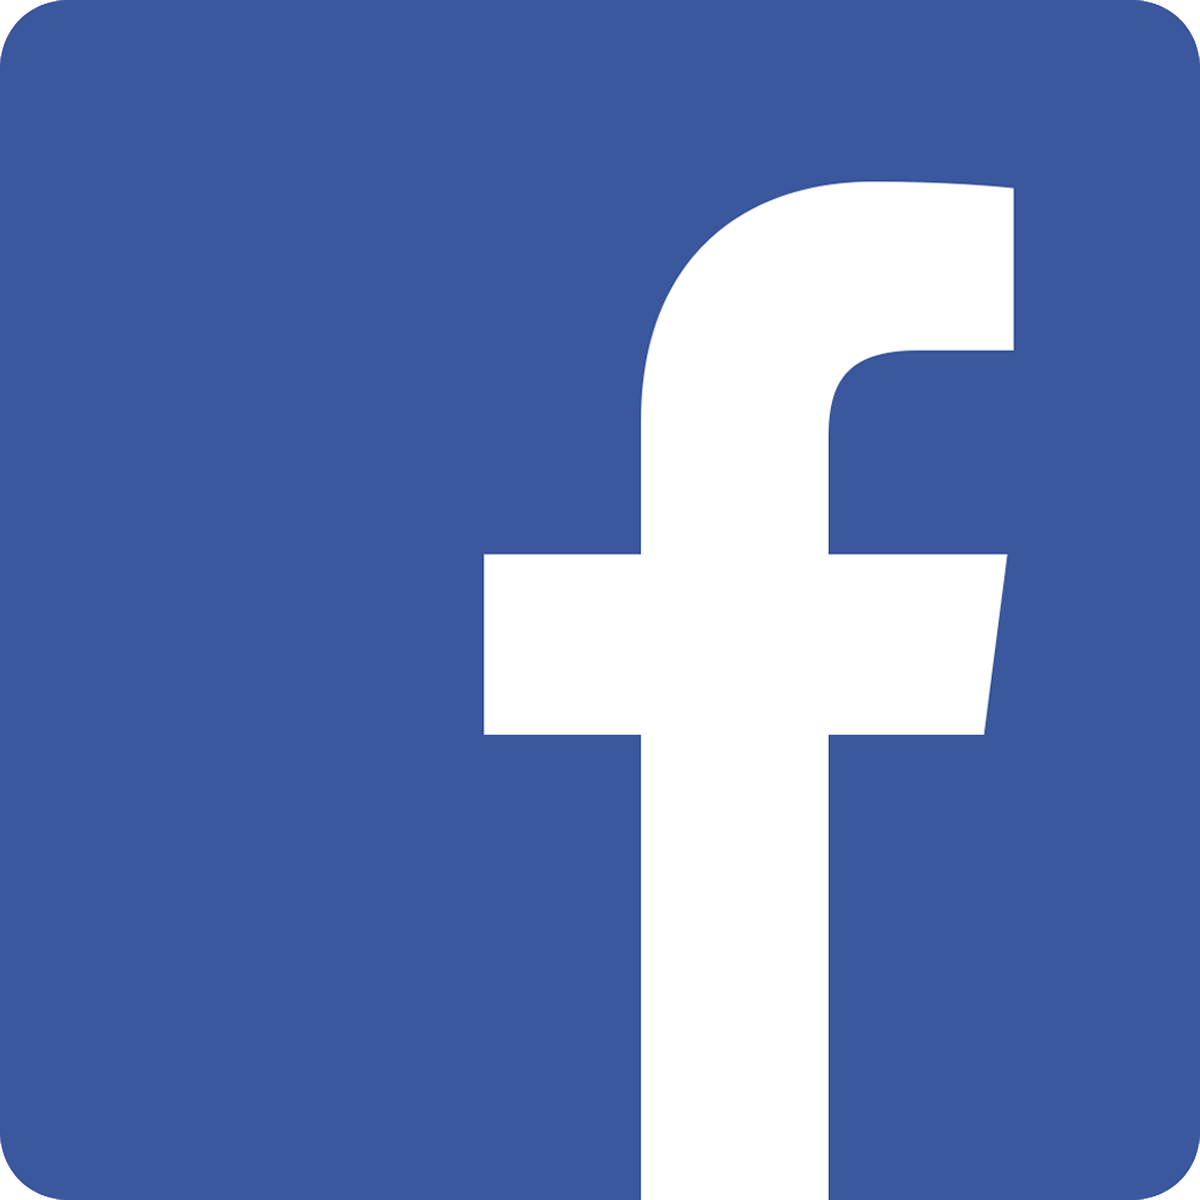 facebook logo vector marsfall rh marsfallpodcast com vector facebook logo cdr vector logo facebook instagram twitter